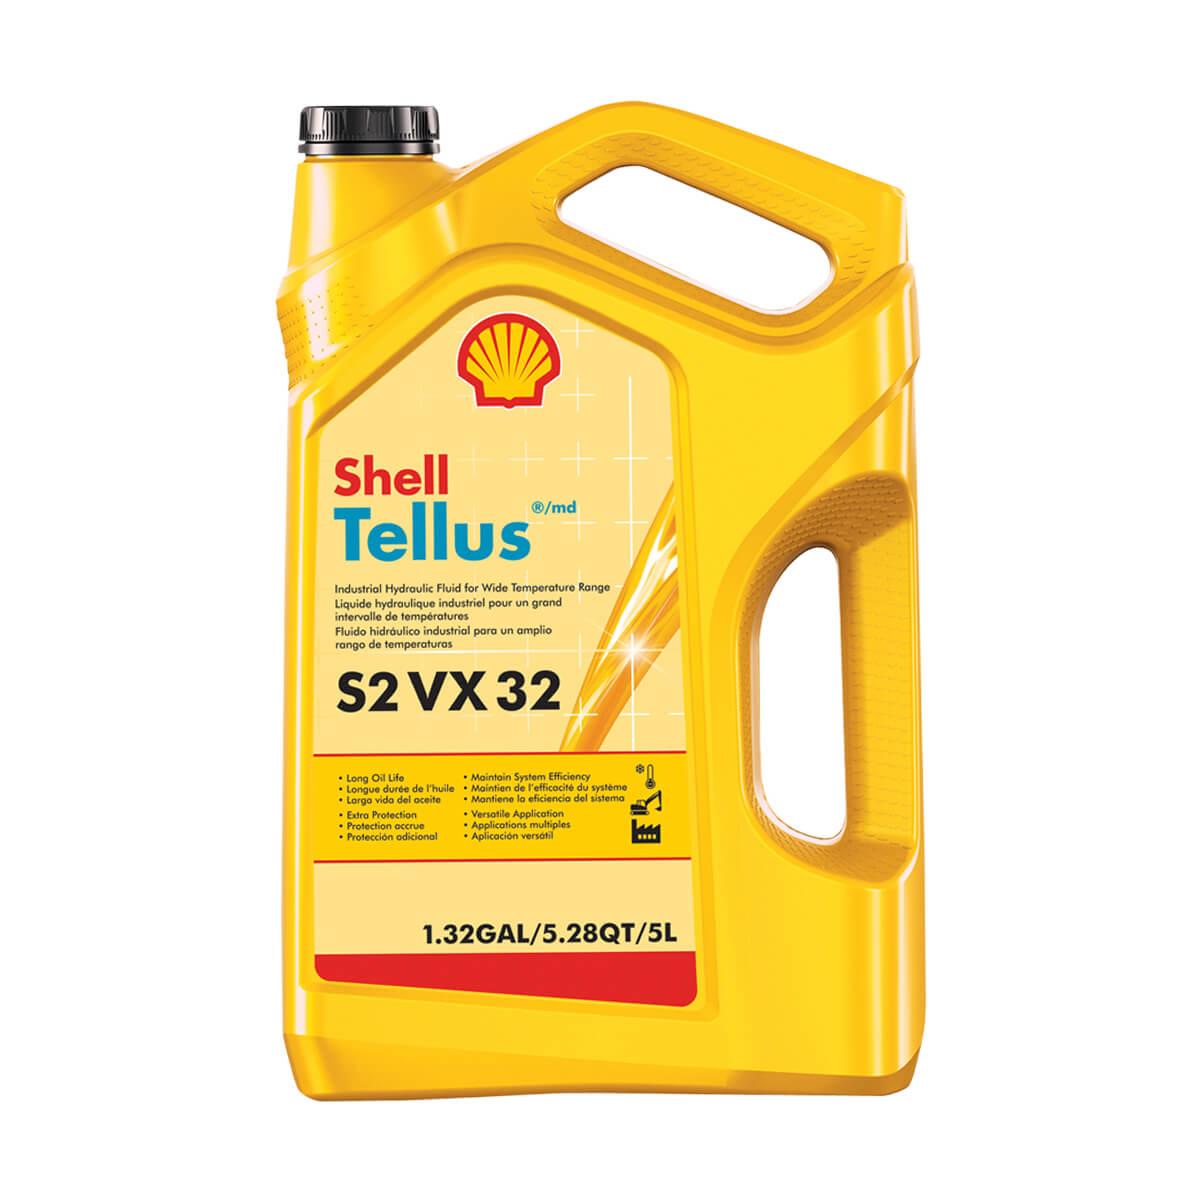 Shell Tellus S2 VX 32 - 5 L